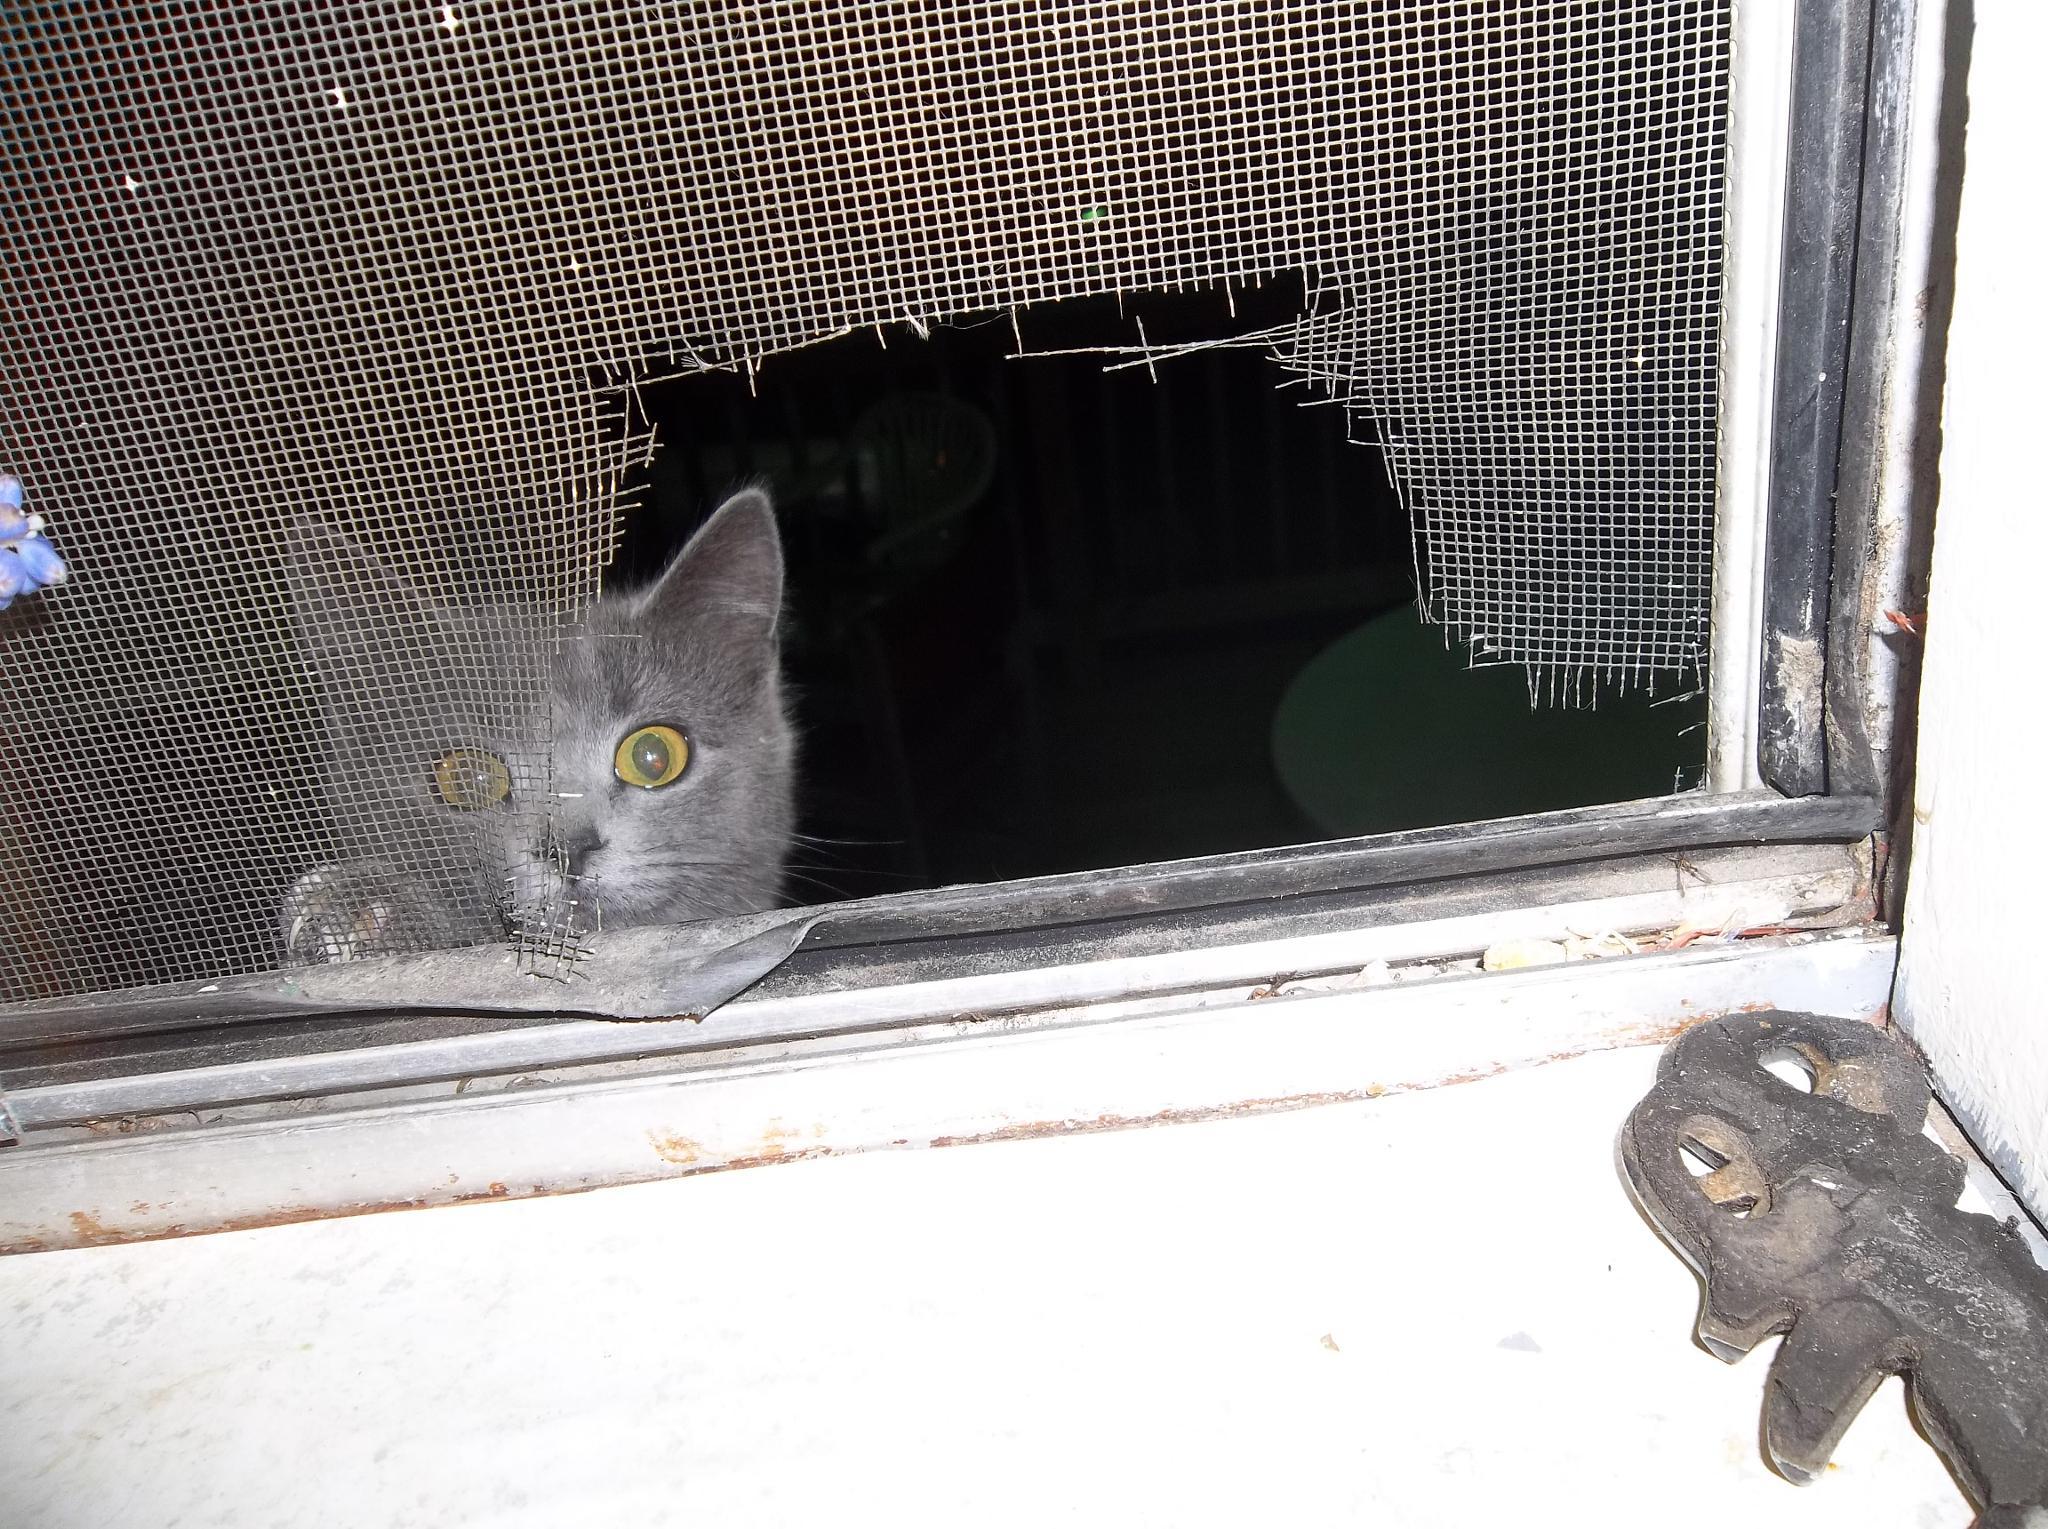 snappy the cat by melissa tackett